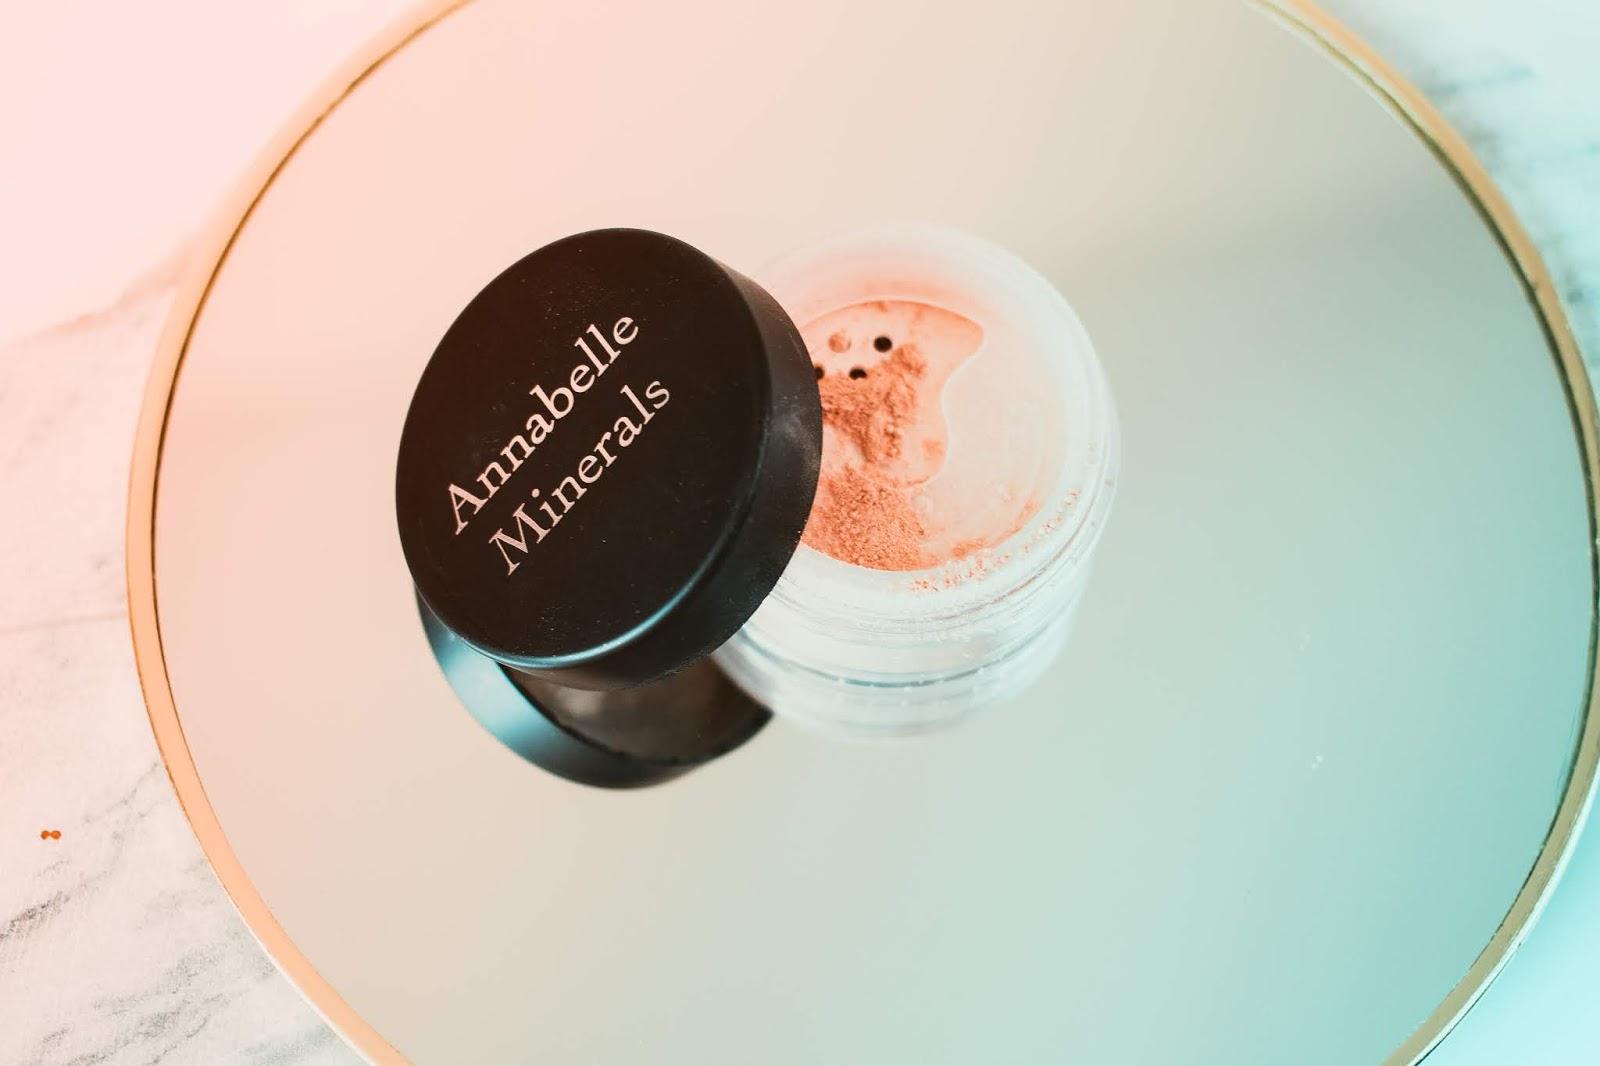 Annabelle Minerals rozświetlacz mineralny diamond glow